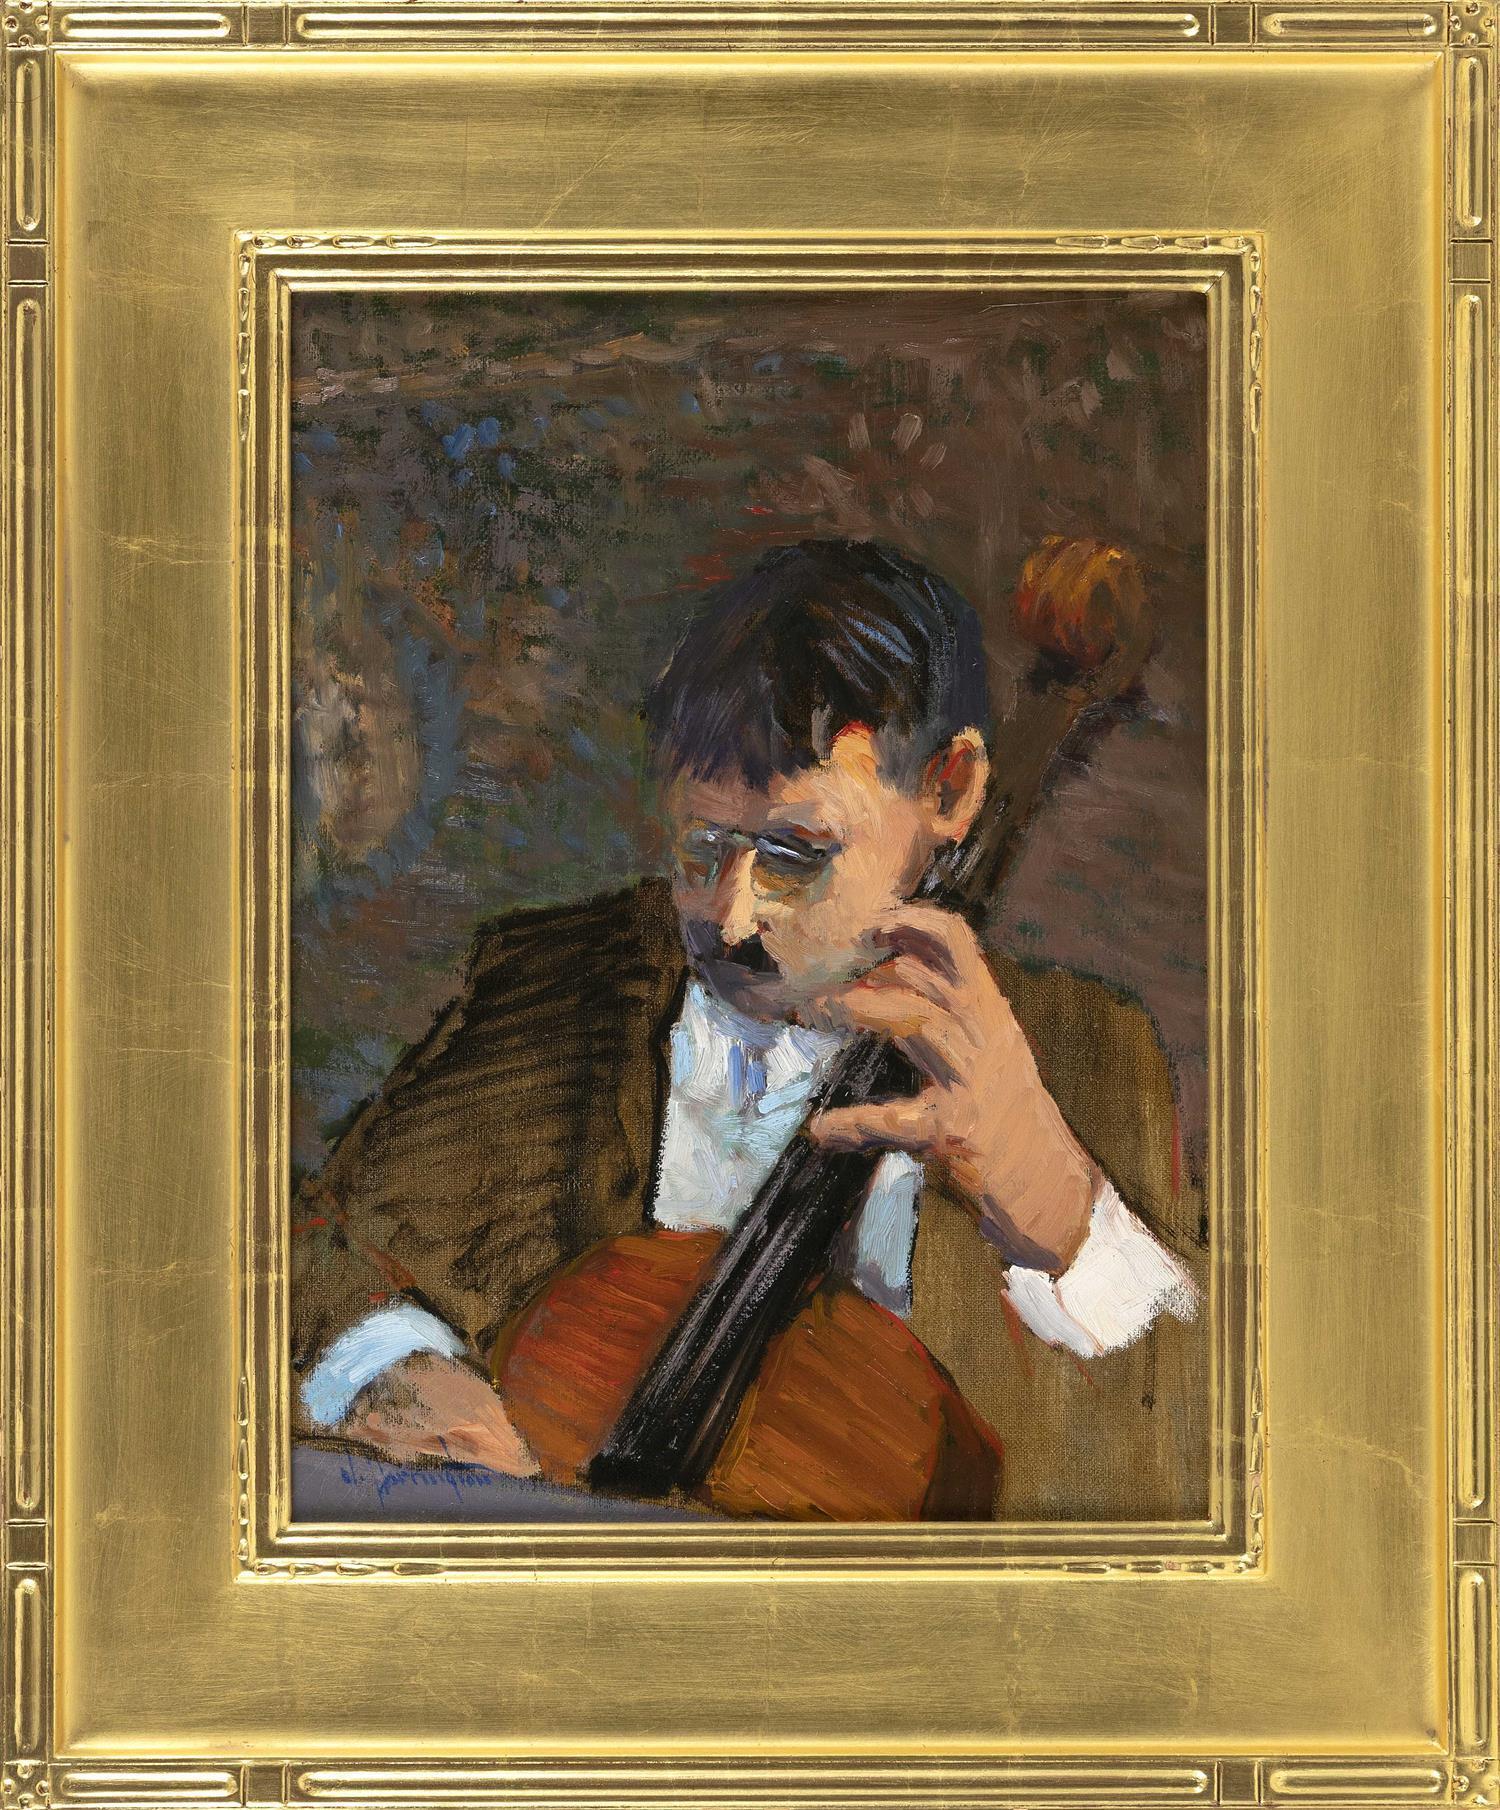 """JAMES R. HARRINGTON, New York, b. 1929, """"Etude""""., Oil on canvas, 16"""" x 12"""". Framed 23"""" x 19""""."""